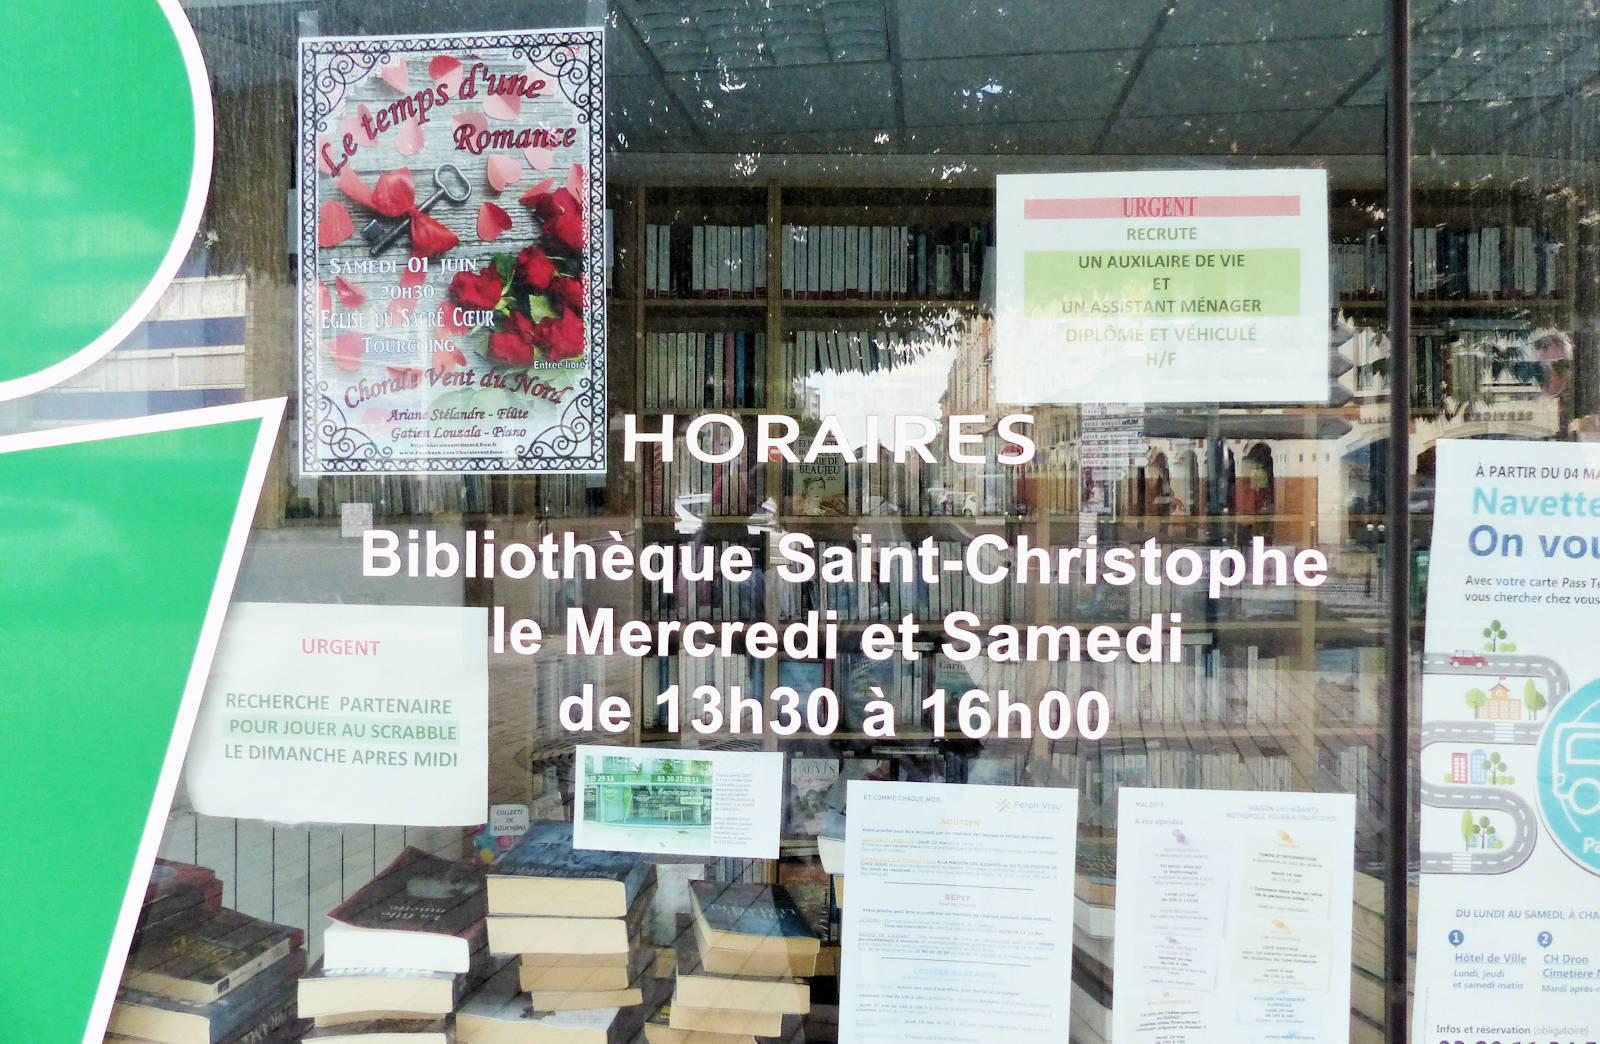 Horaires d'ouverture Bibliothèque St Christophe, Tourcoing